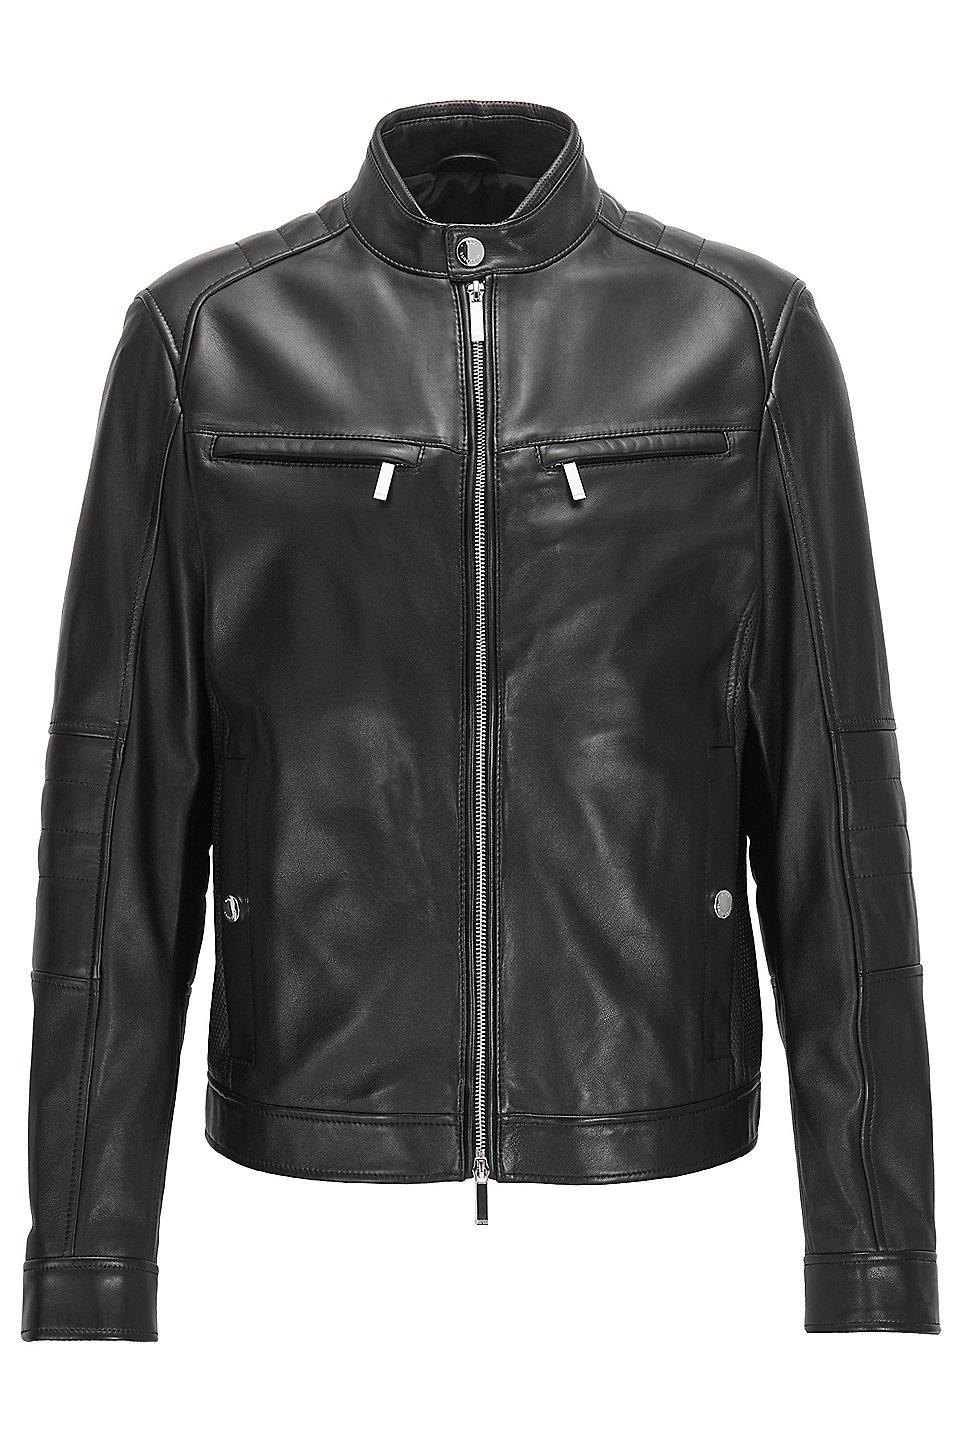 Buy mens leather jacket melbourne